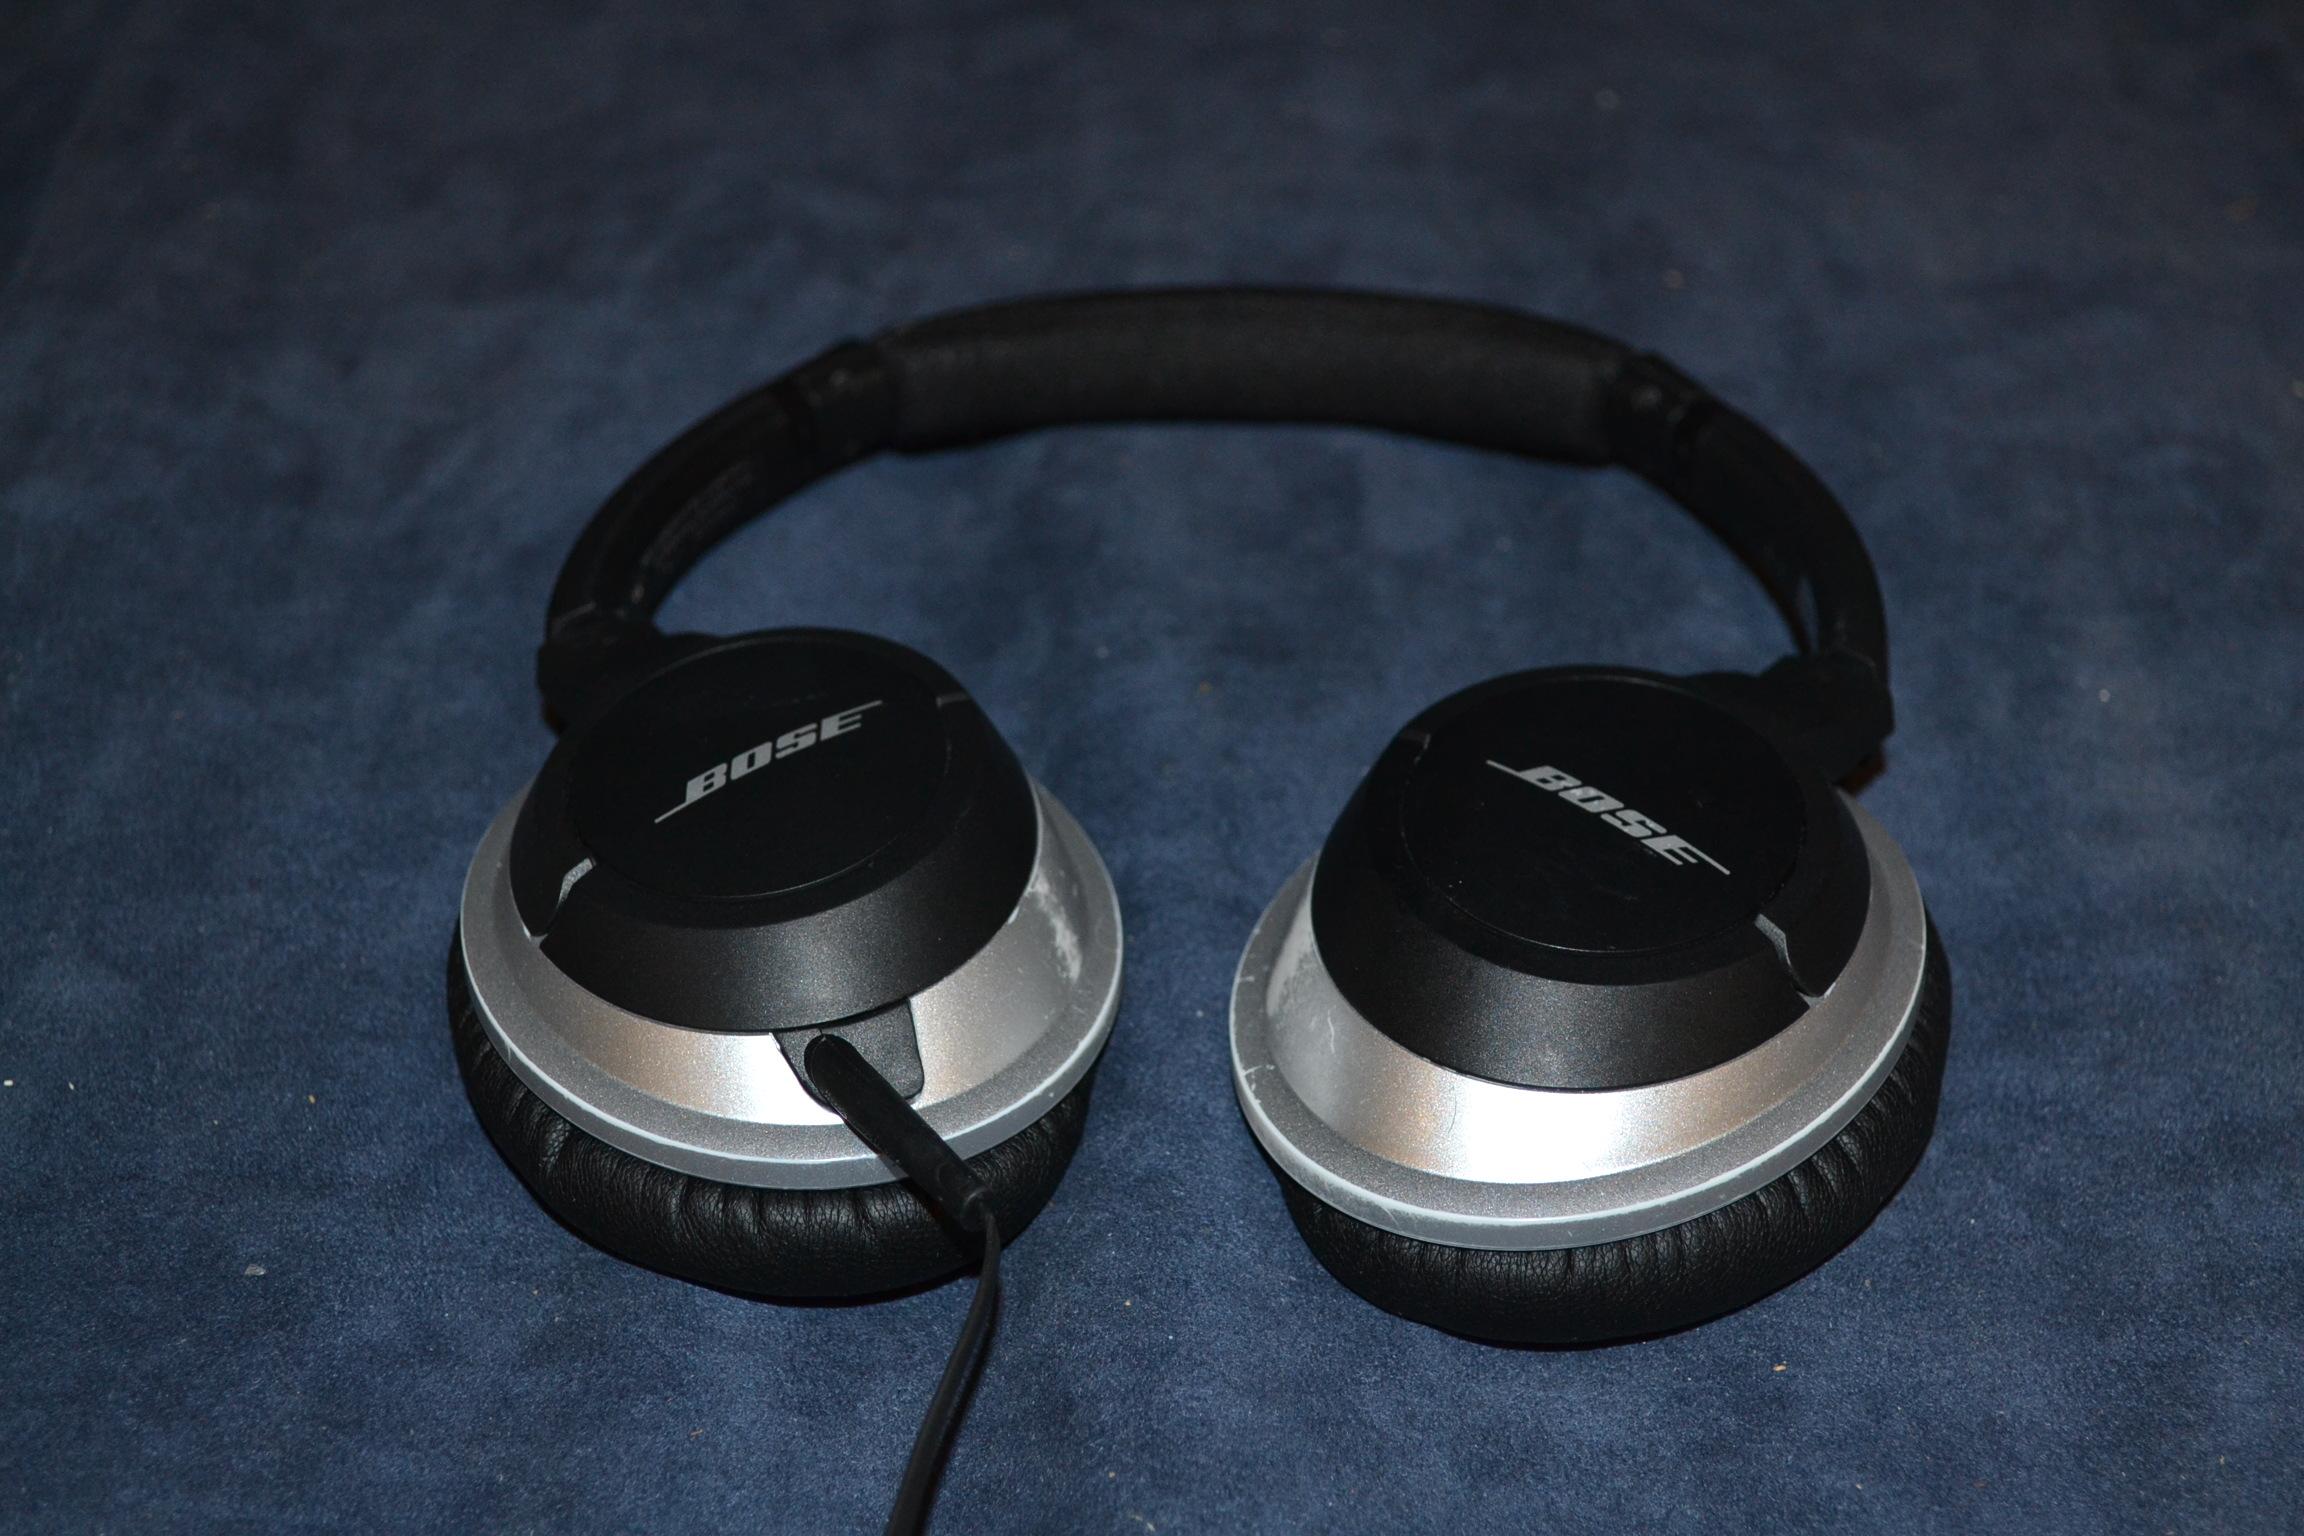 Bose Ae2 Around Ear Wired Audio Headphones Black Earphones